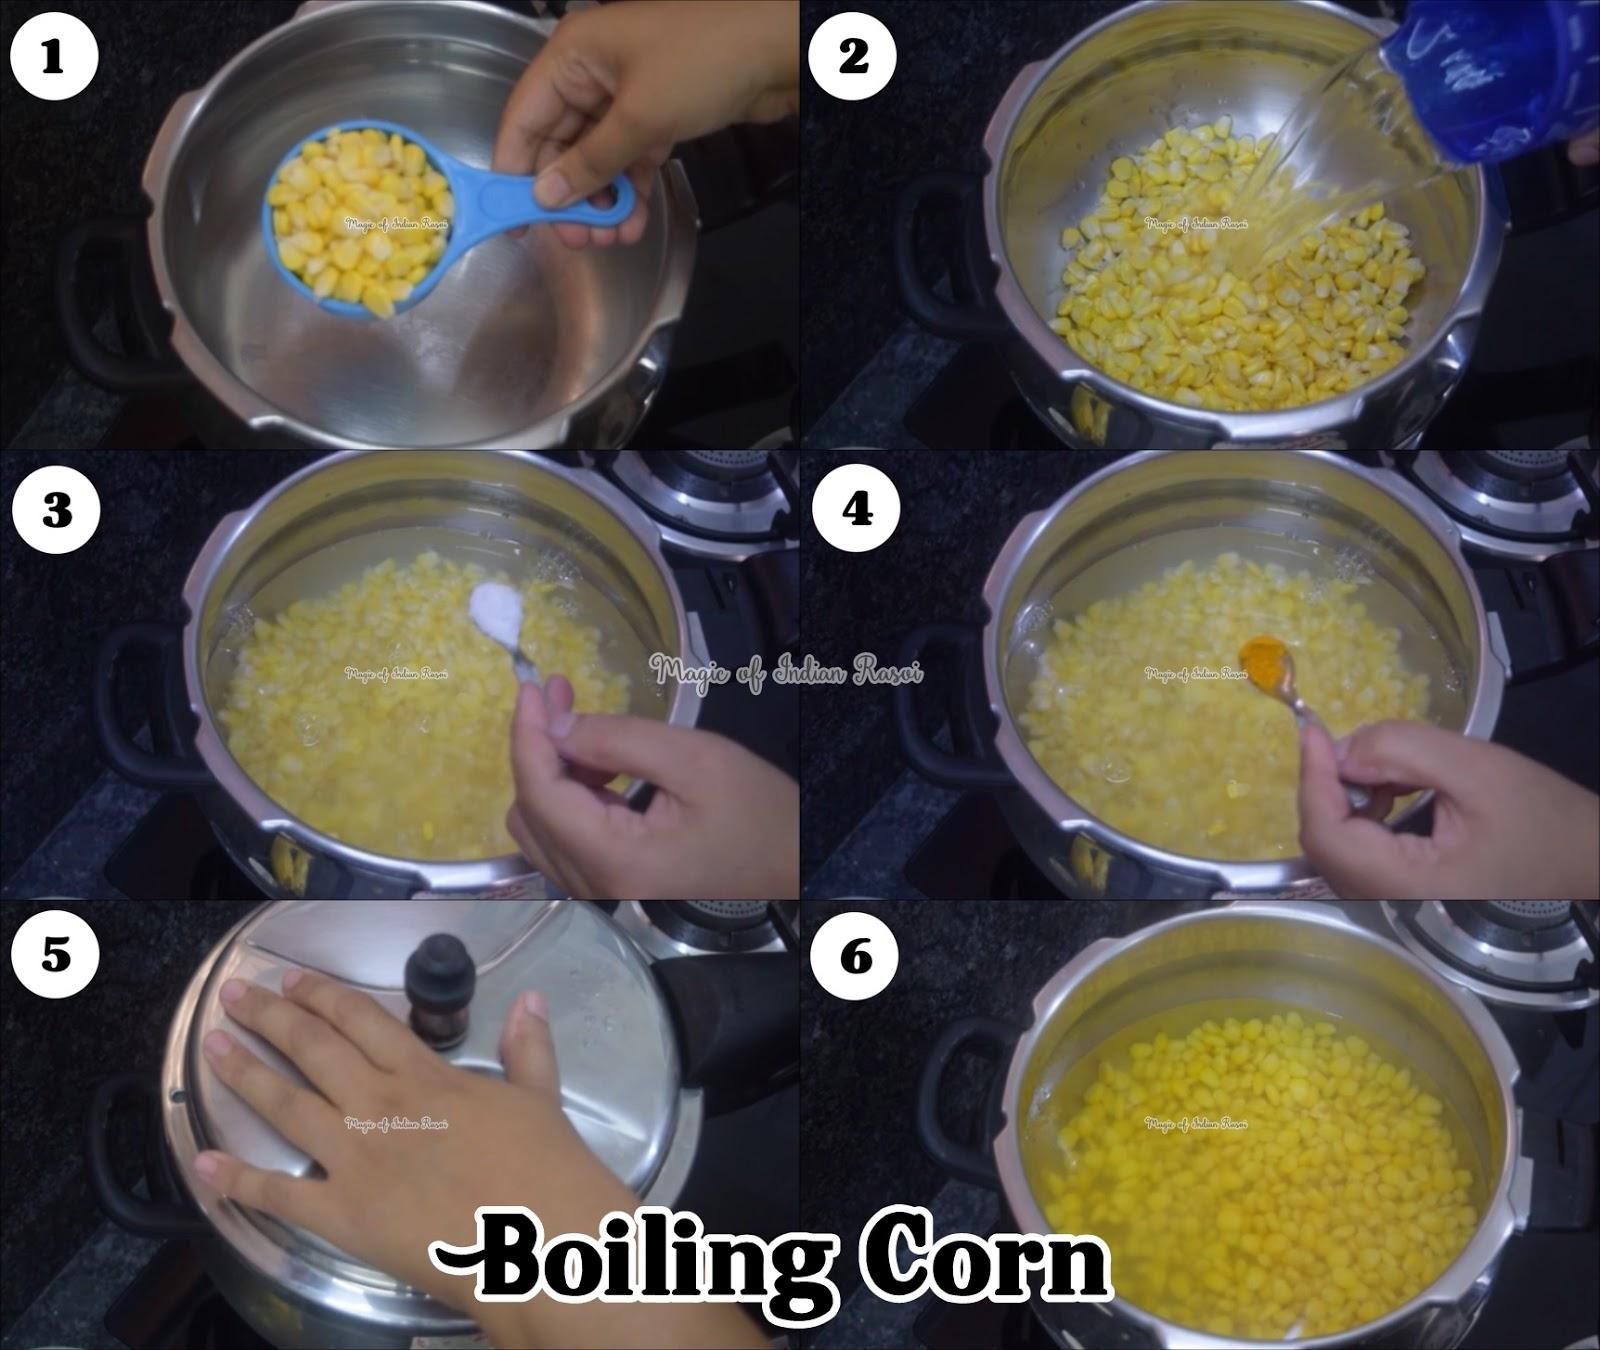 Corn in Cup - 3 flavours - Butter Masala, Minty Pani Puri, Cheese & Herbs - बटर कॉर्न, पानी पूरी कॉर्न और चीज़ हर्ब्स कॉर्न रेसिपी - Priya R Sweet - Magic of Indian Rasoi